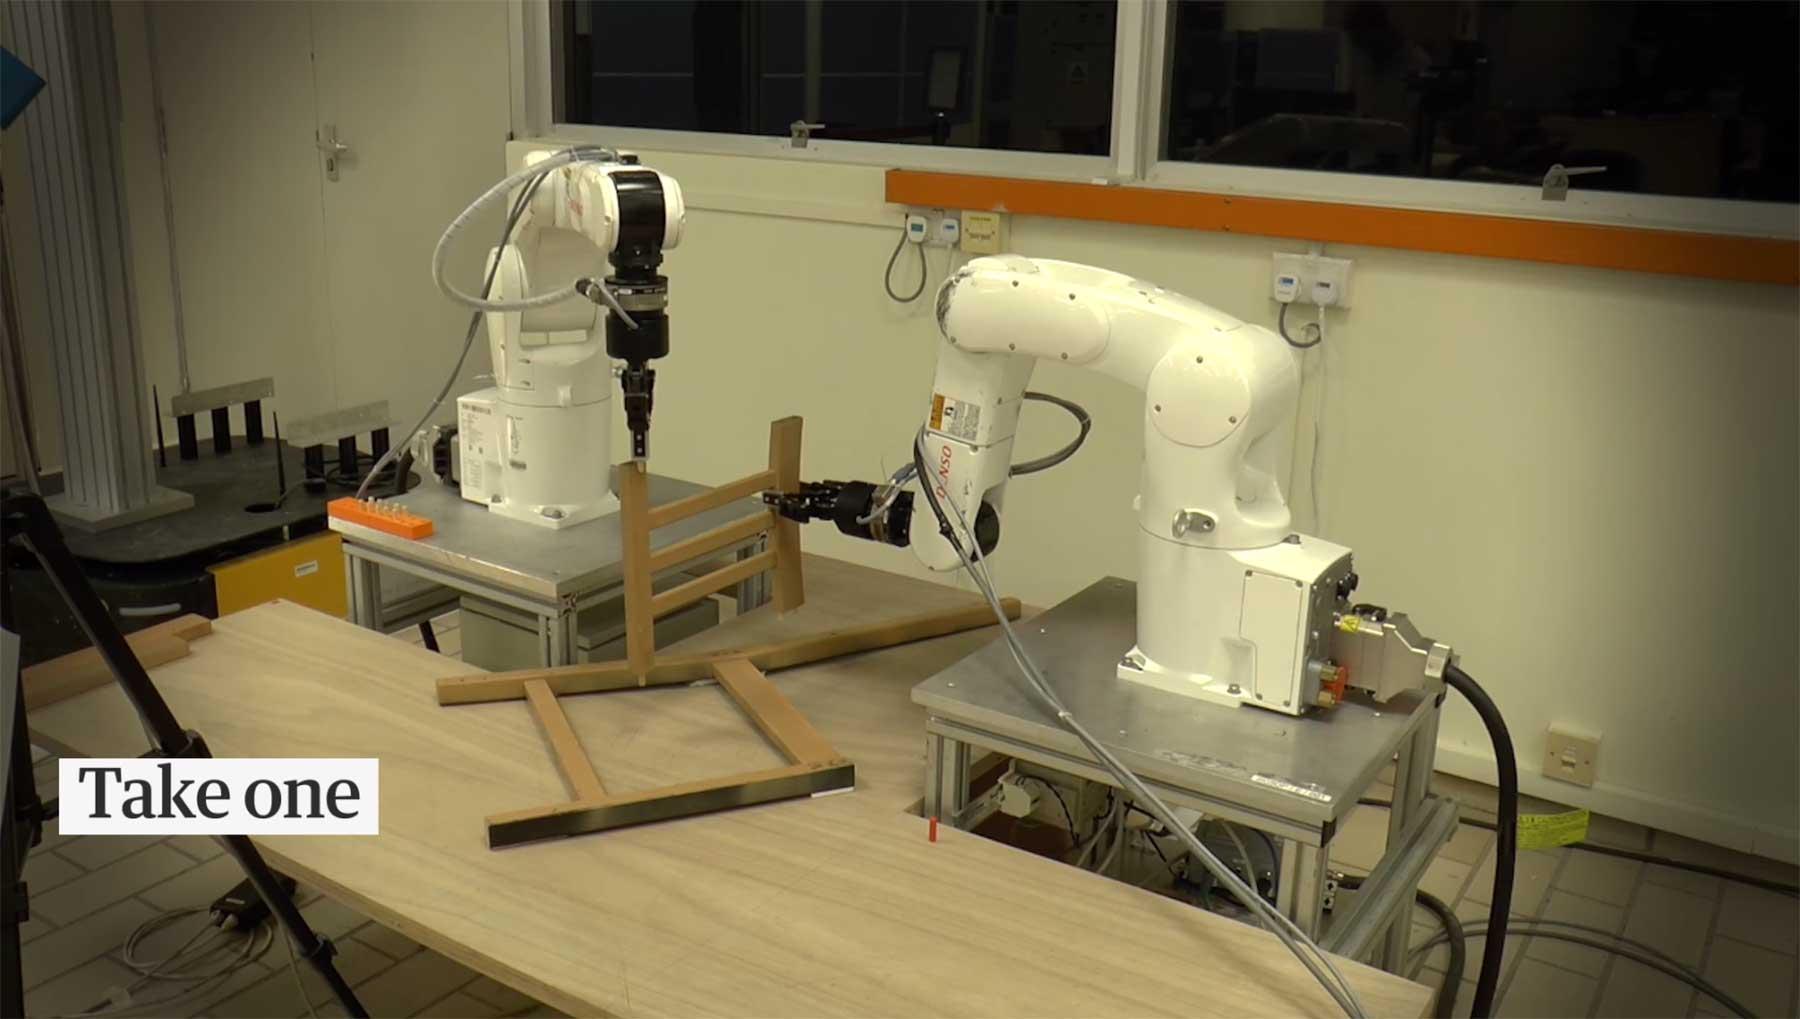 Roboter bauen einen IKEA-Stuhl zusammen roboter-bauen-ikea-auf